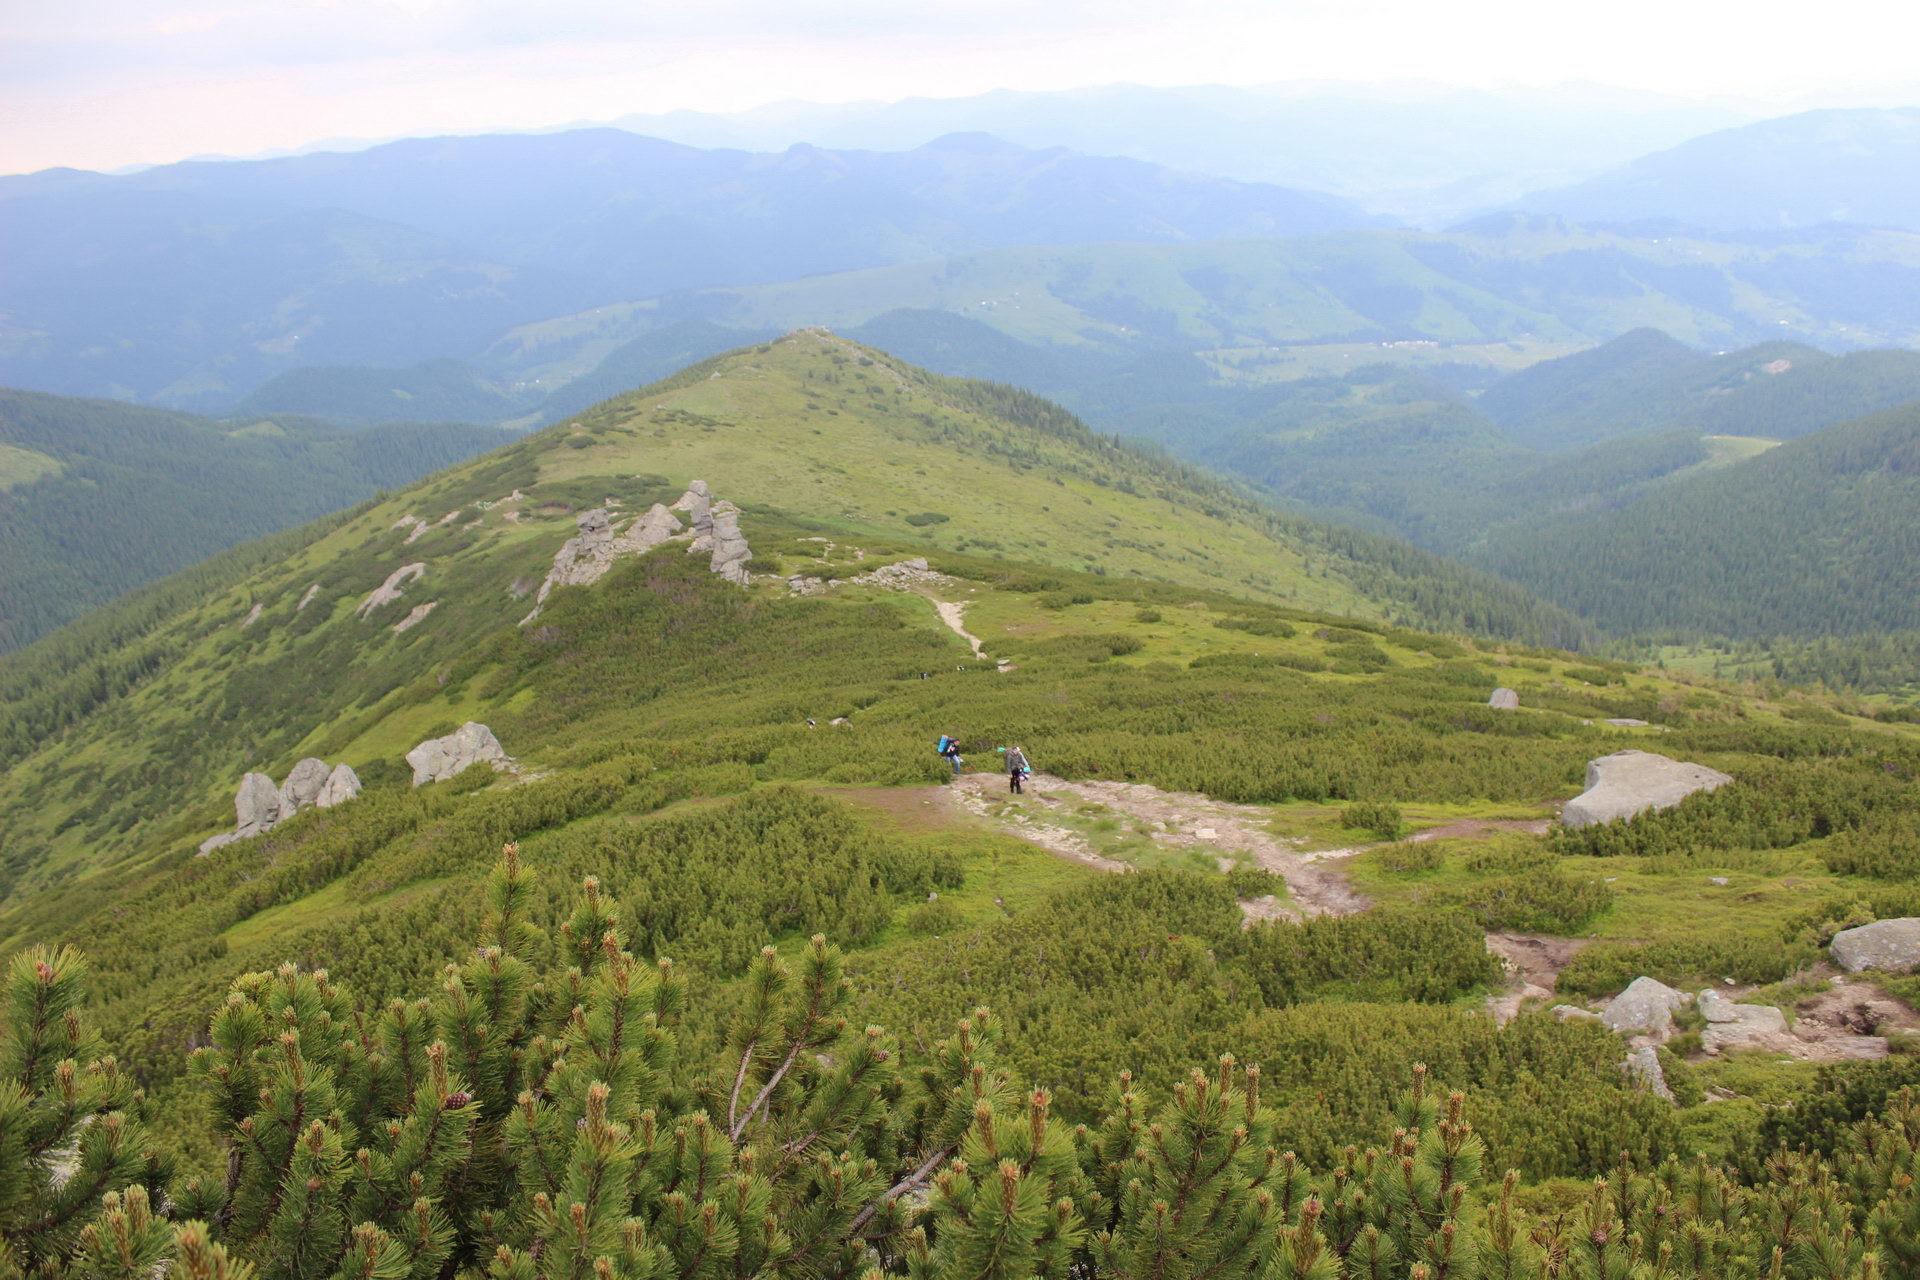 Підйом на гору Вухатий Камінь, маршрут Чорногорою